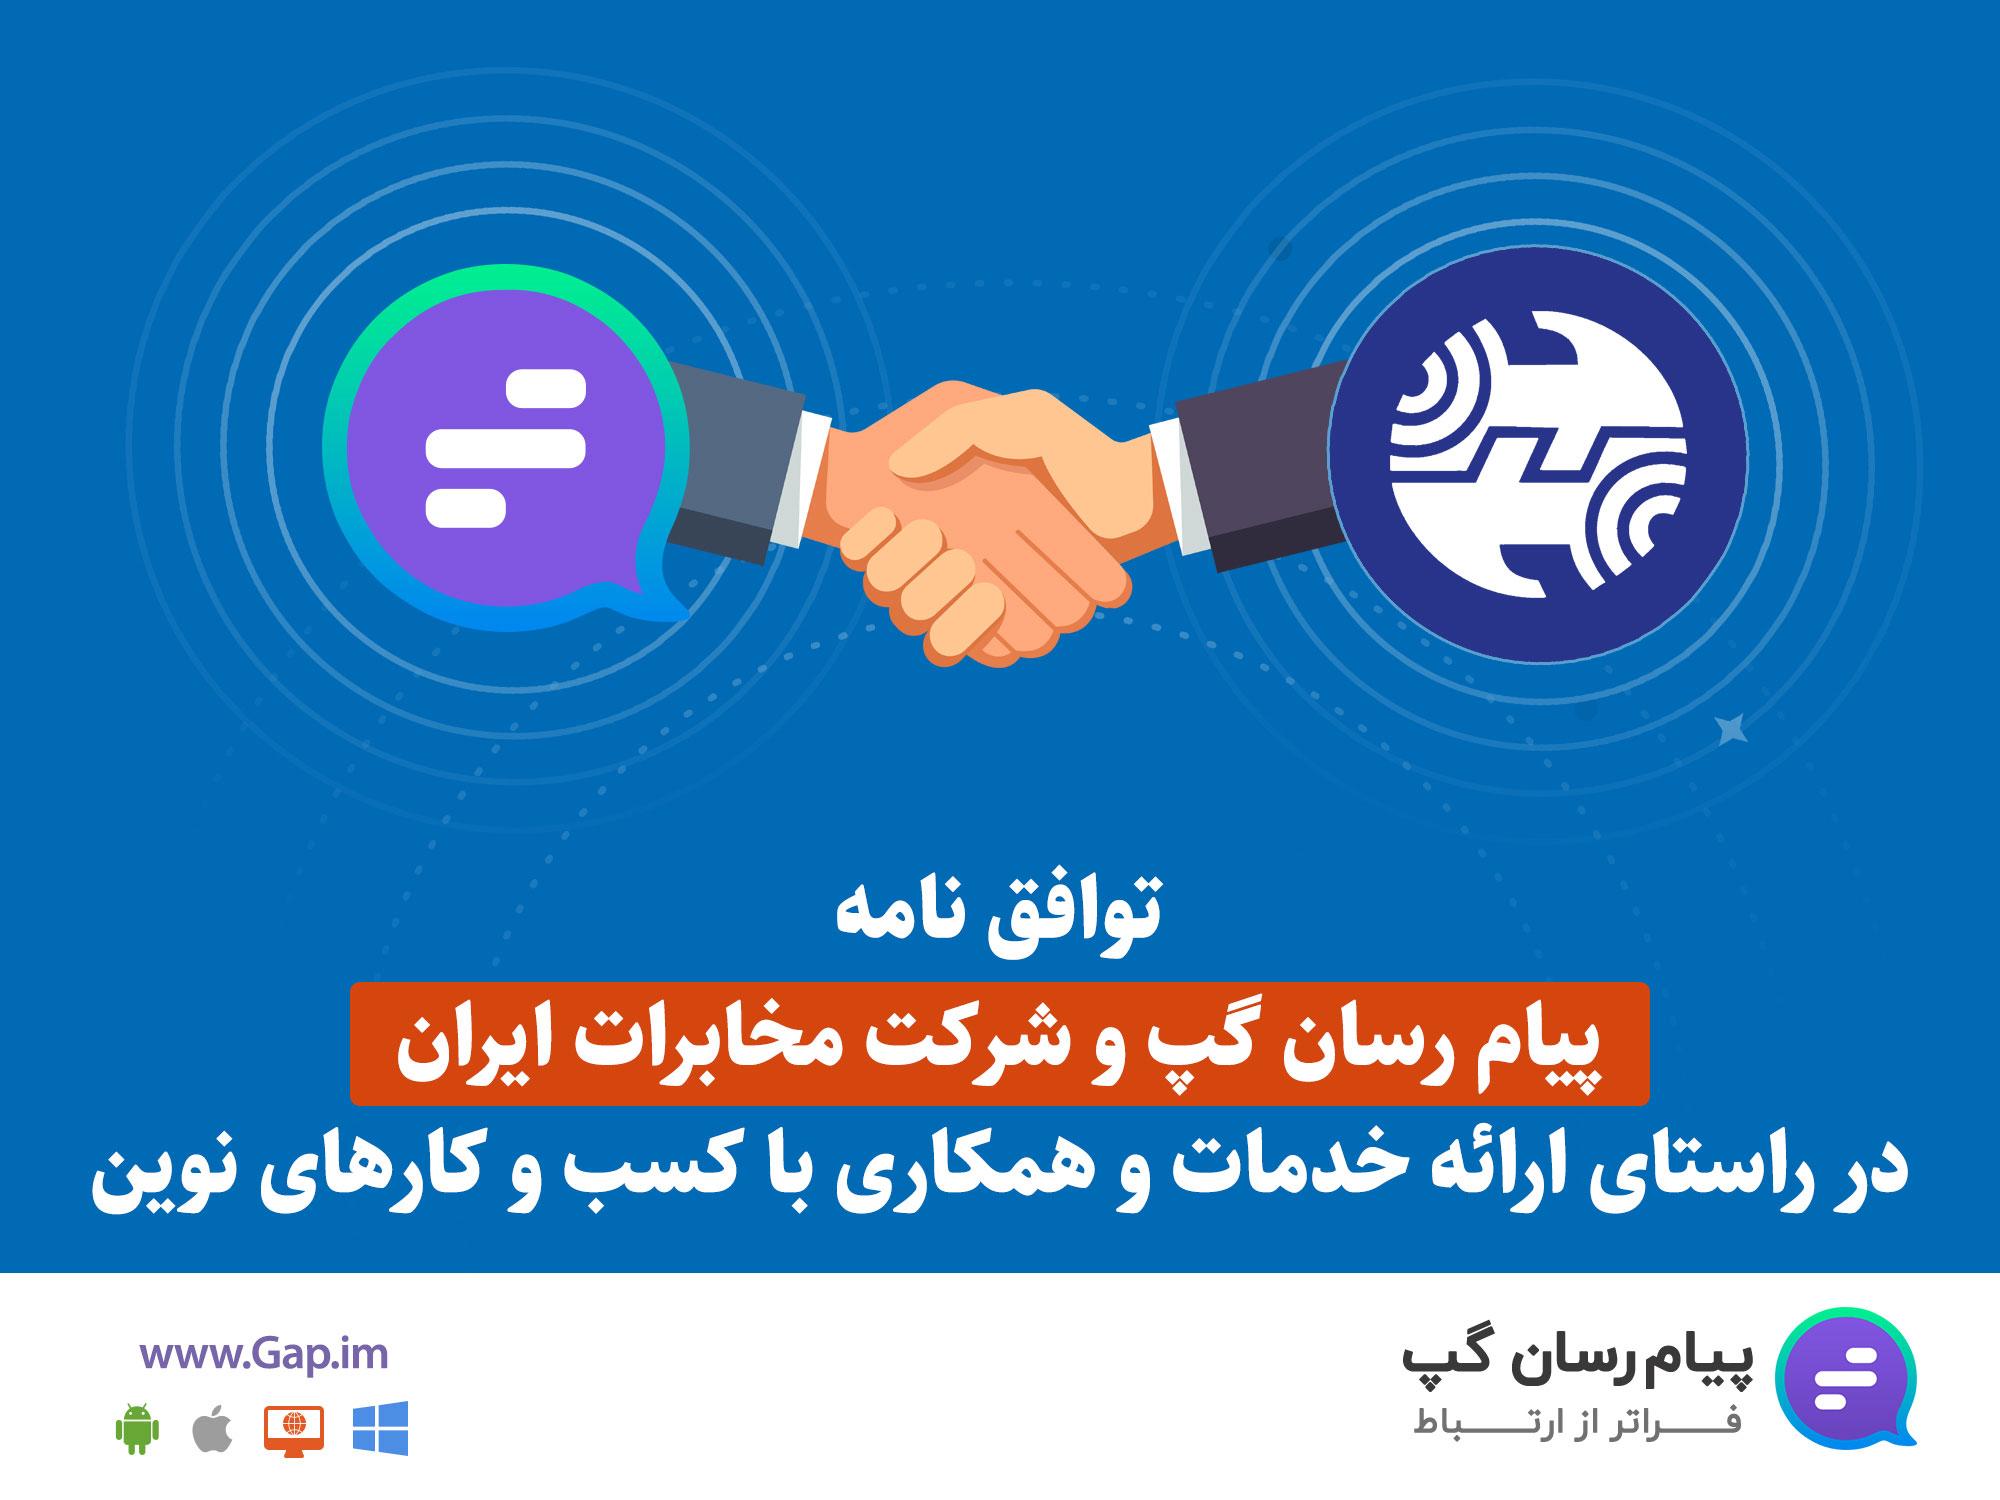 توافق نامه پیام رسان گپ و شرکت مخابرات ایران